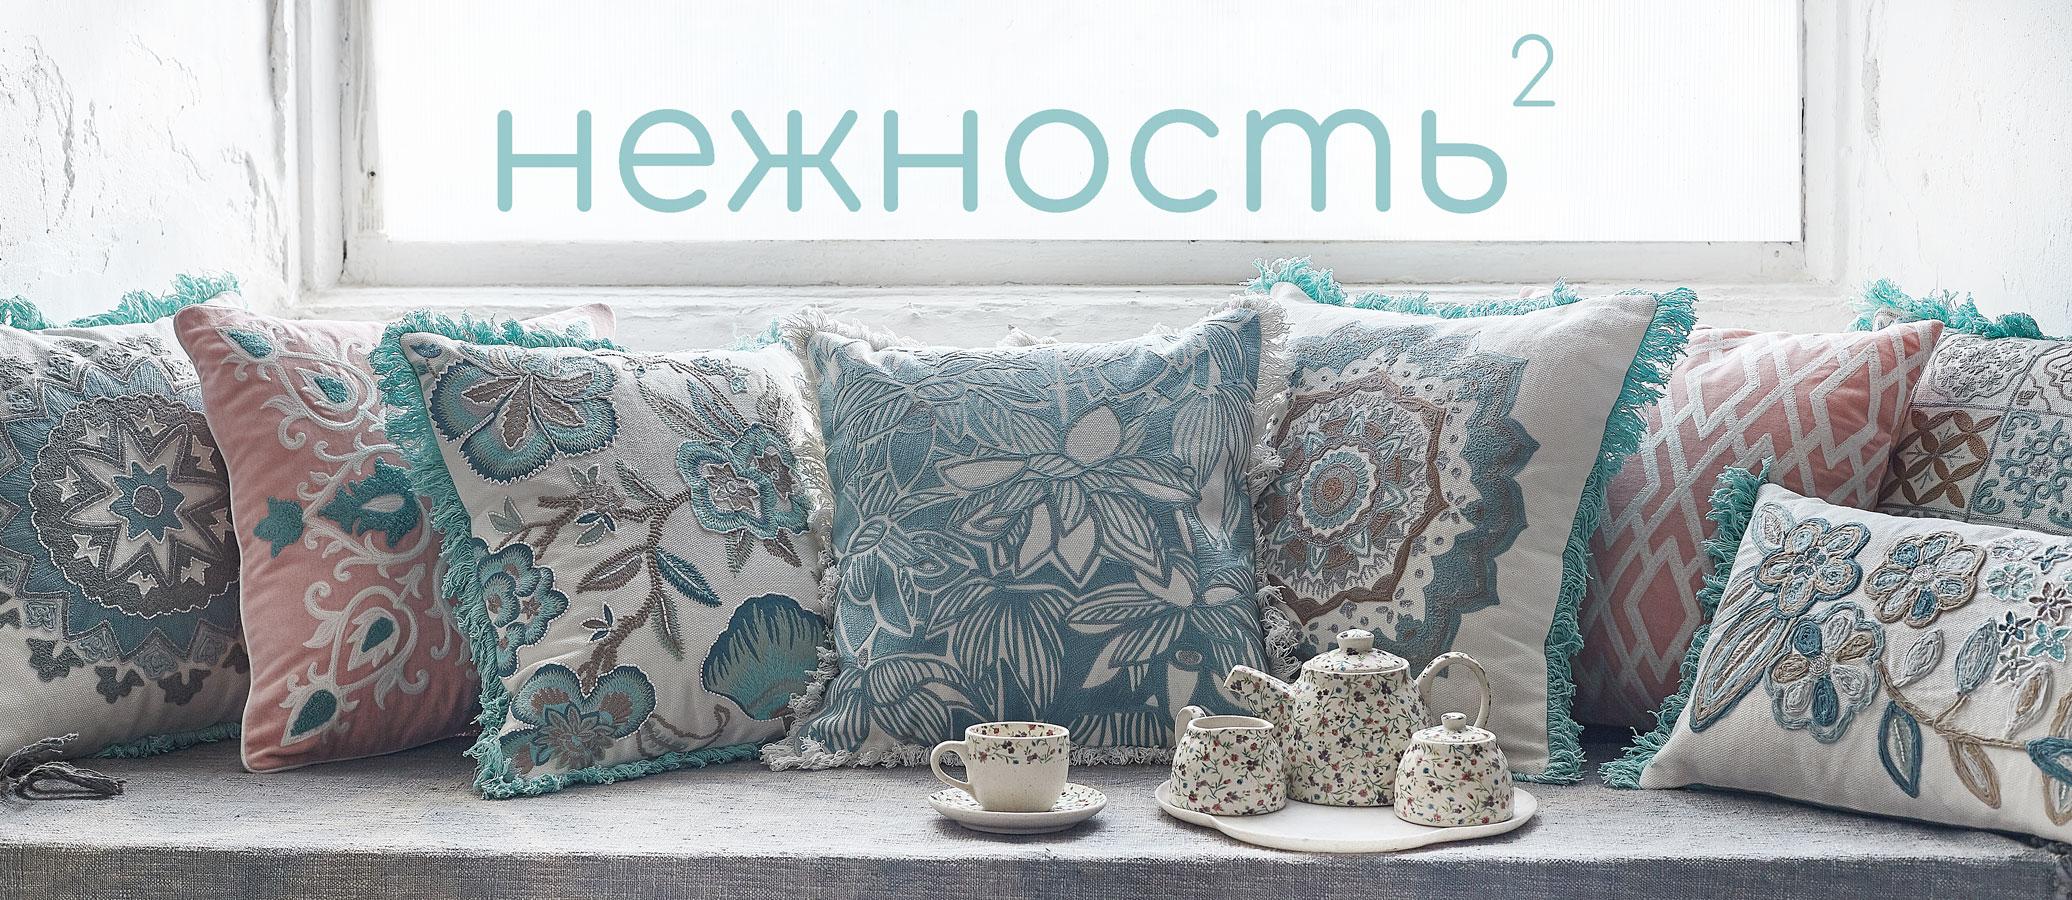 7cdcad76090 Интернет-магазин дизайнерской мебели из Индии в Москве и Санкт ...